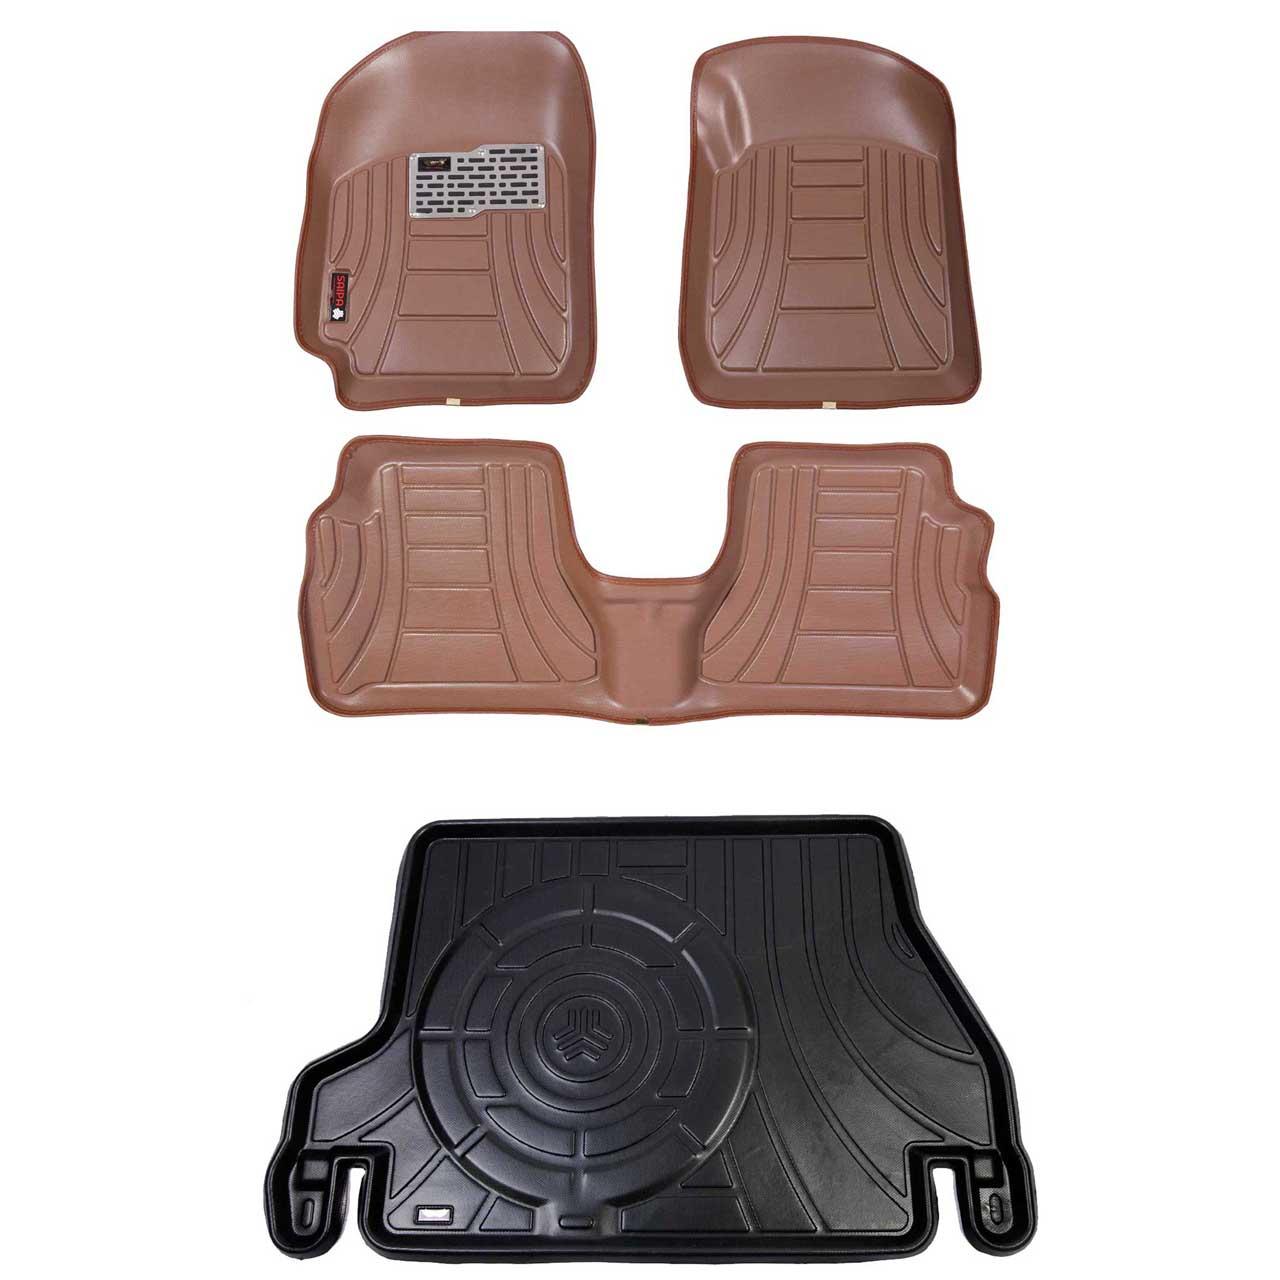 کفپوش سه بعدی خودرو مدل اکو مناسب برای پراید صندوق دار  به همراه کفپوش صندوق